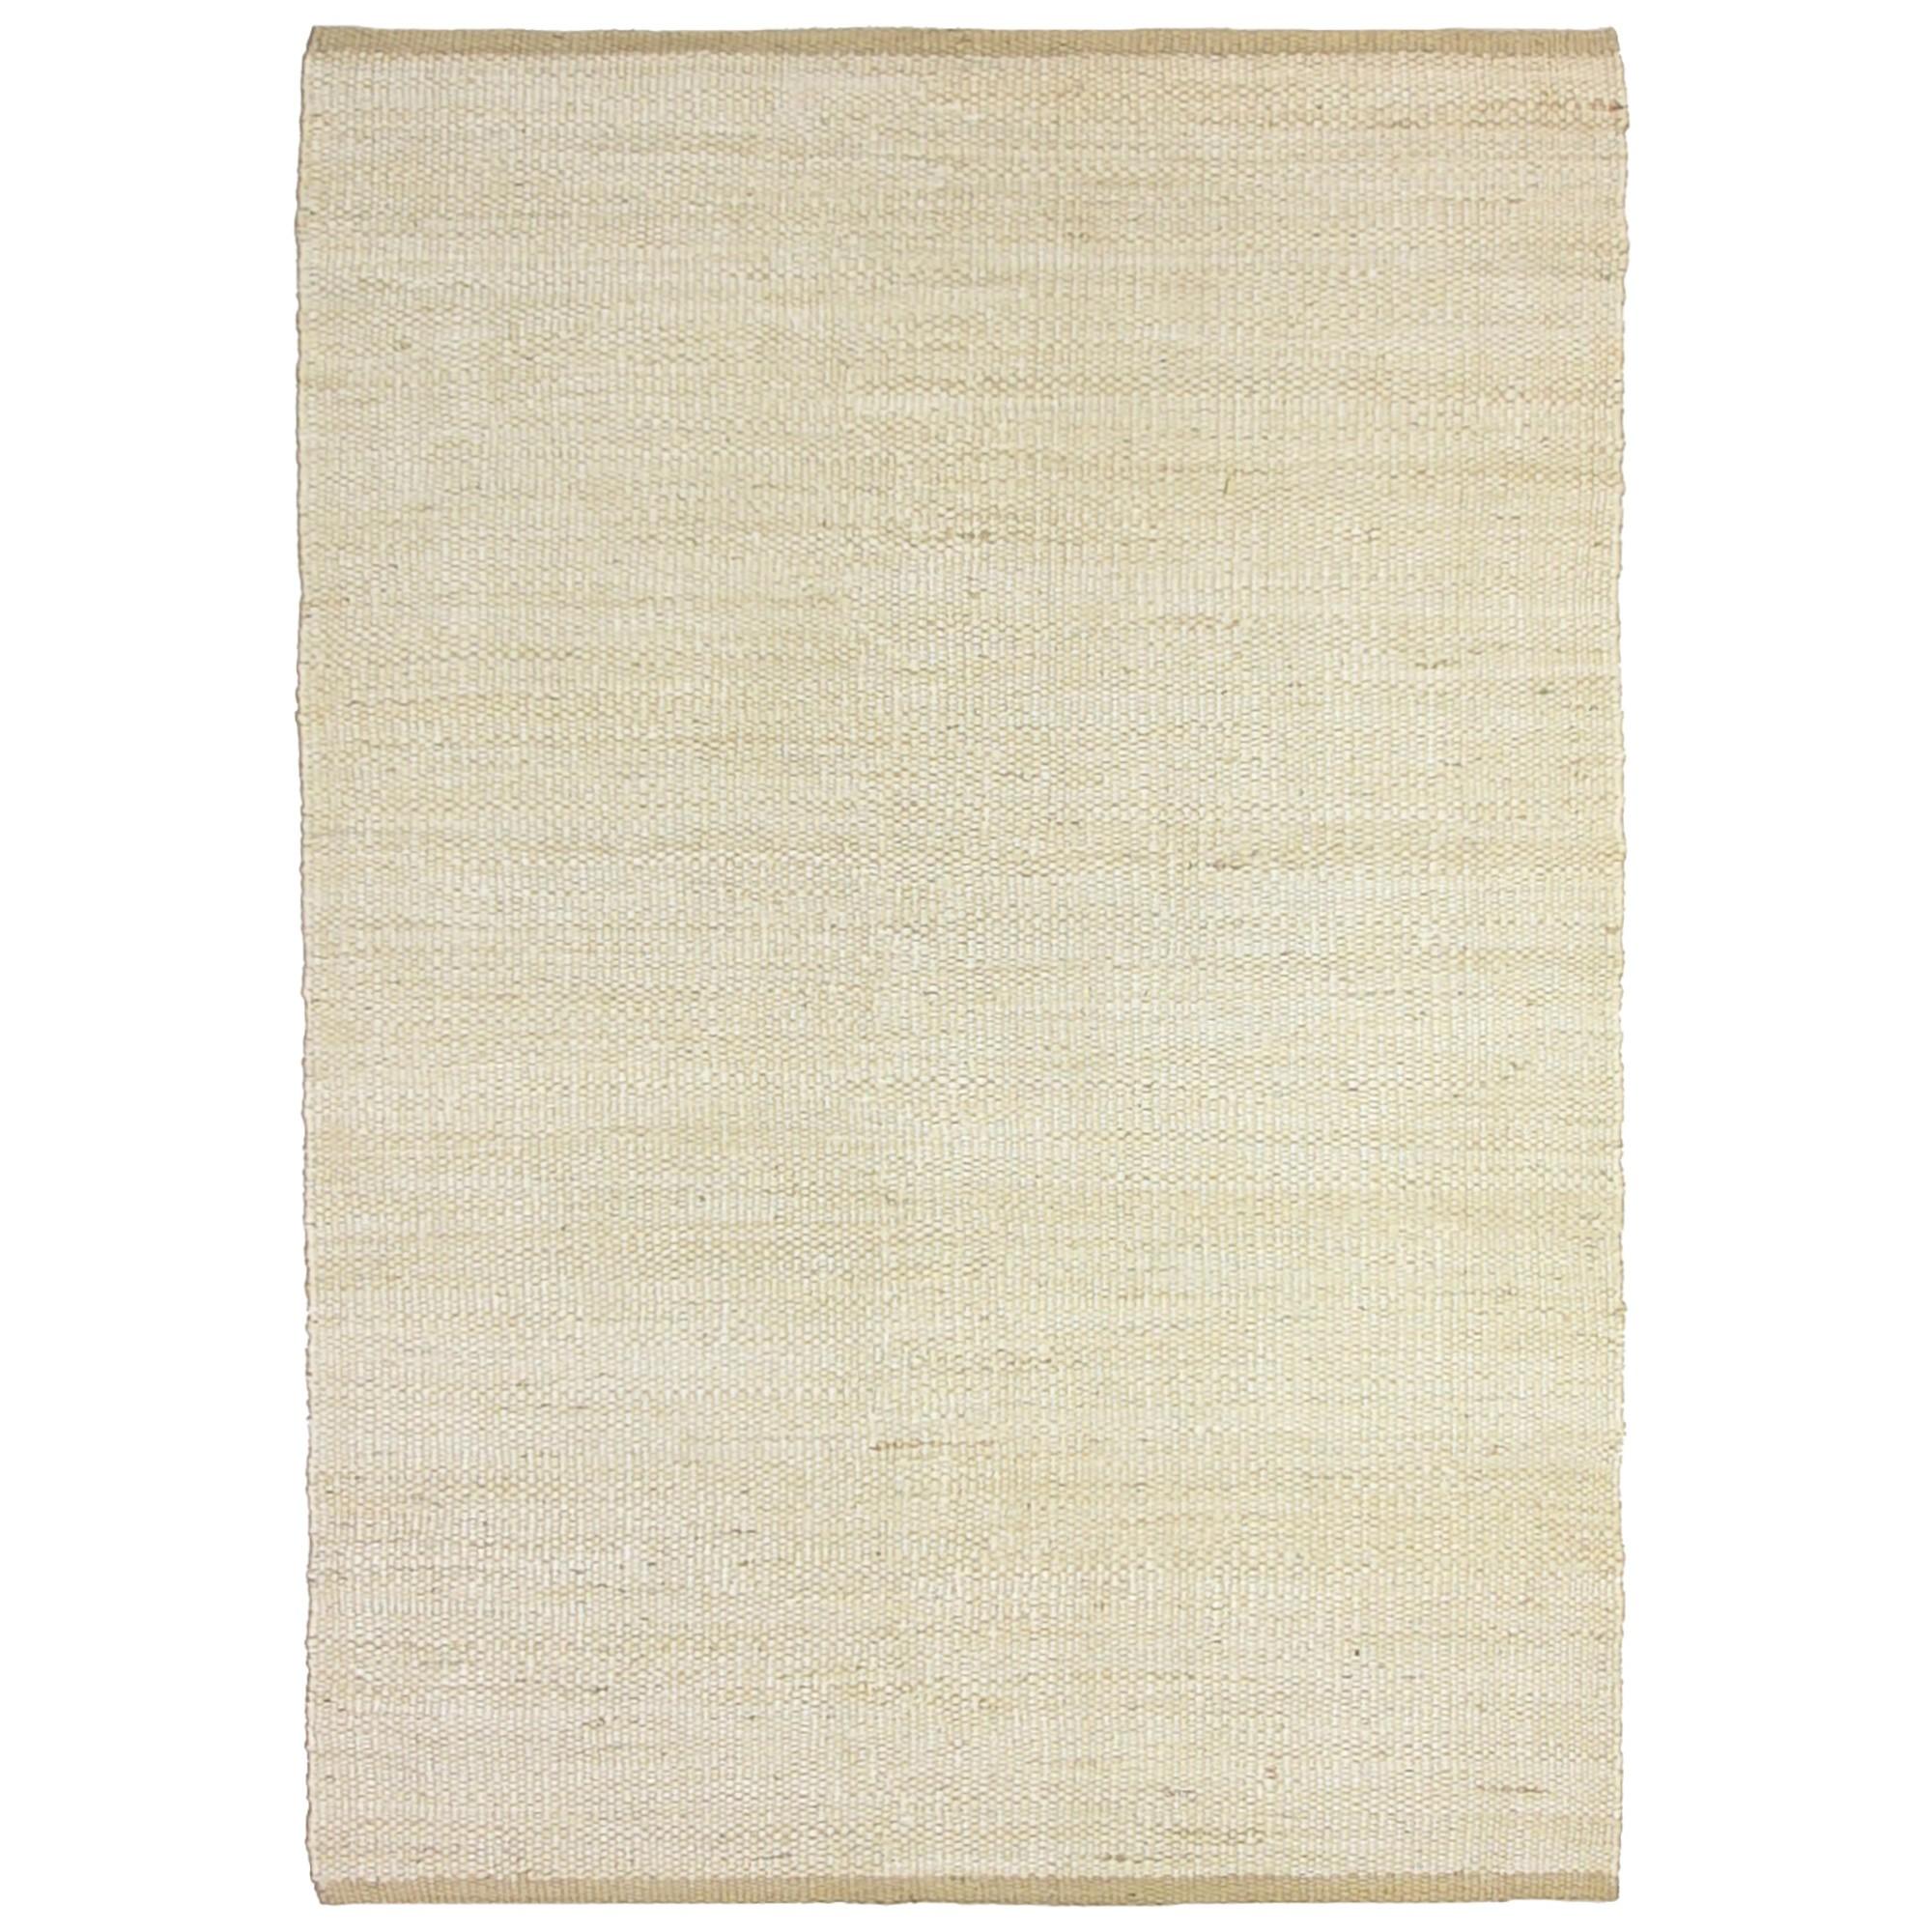 Reuss Handwoven Jute Rug, 160x230cm, White